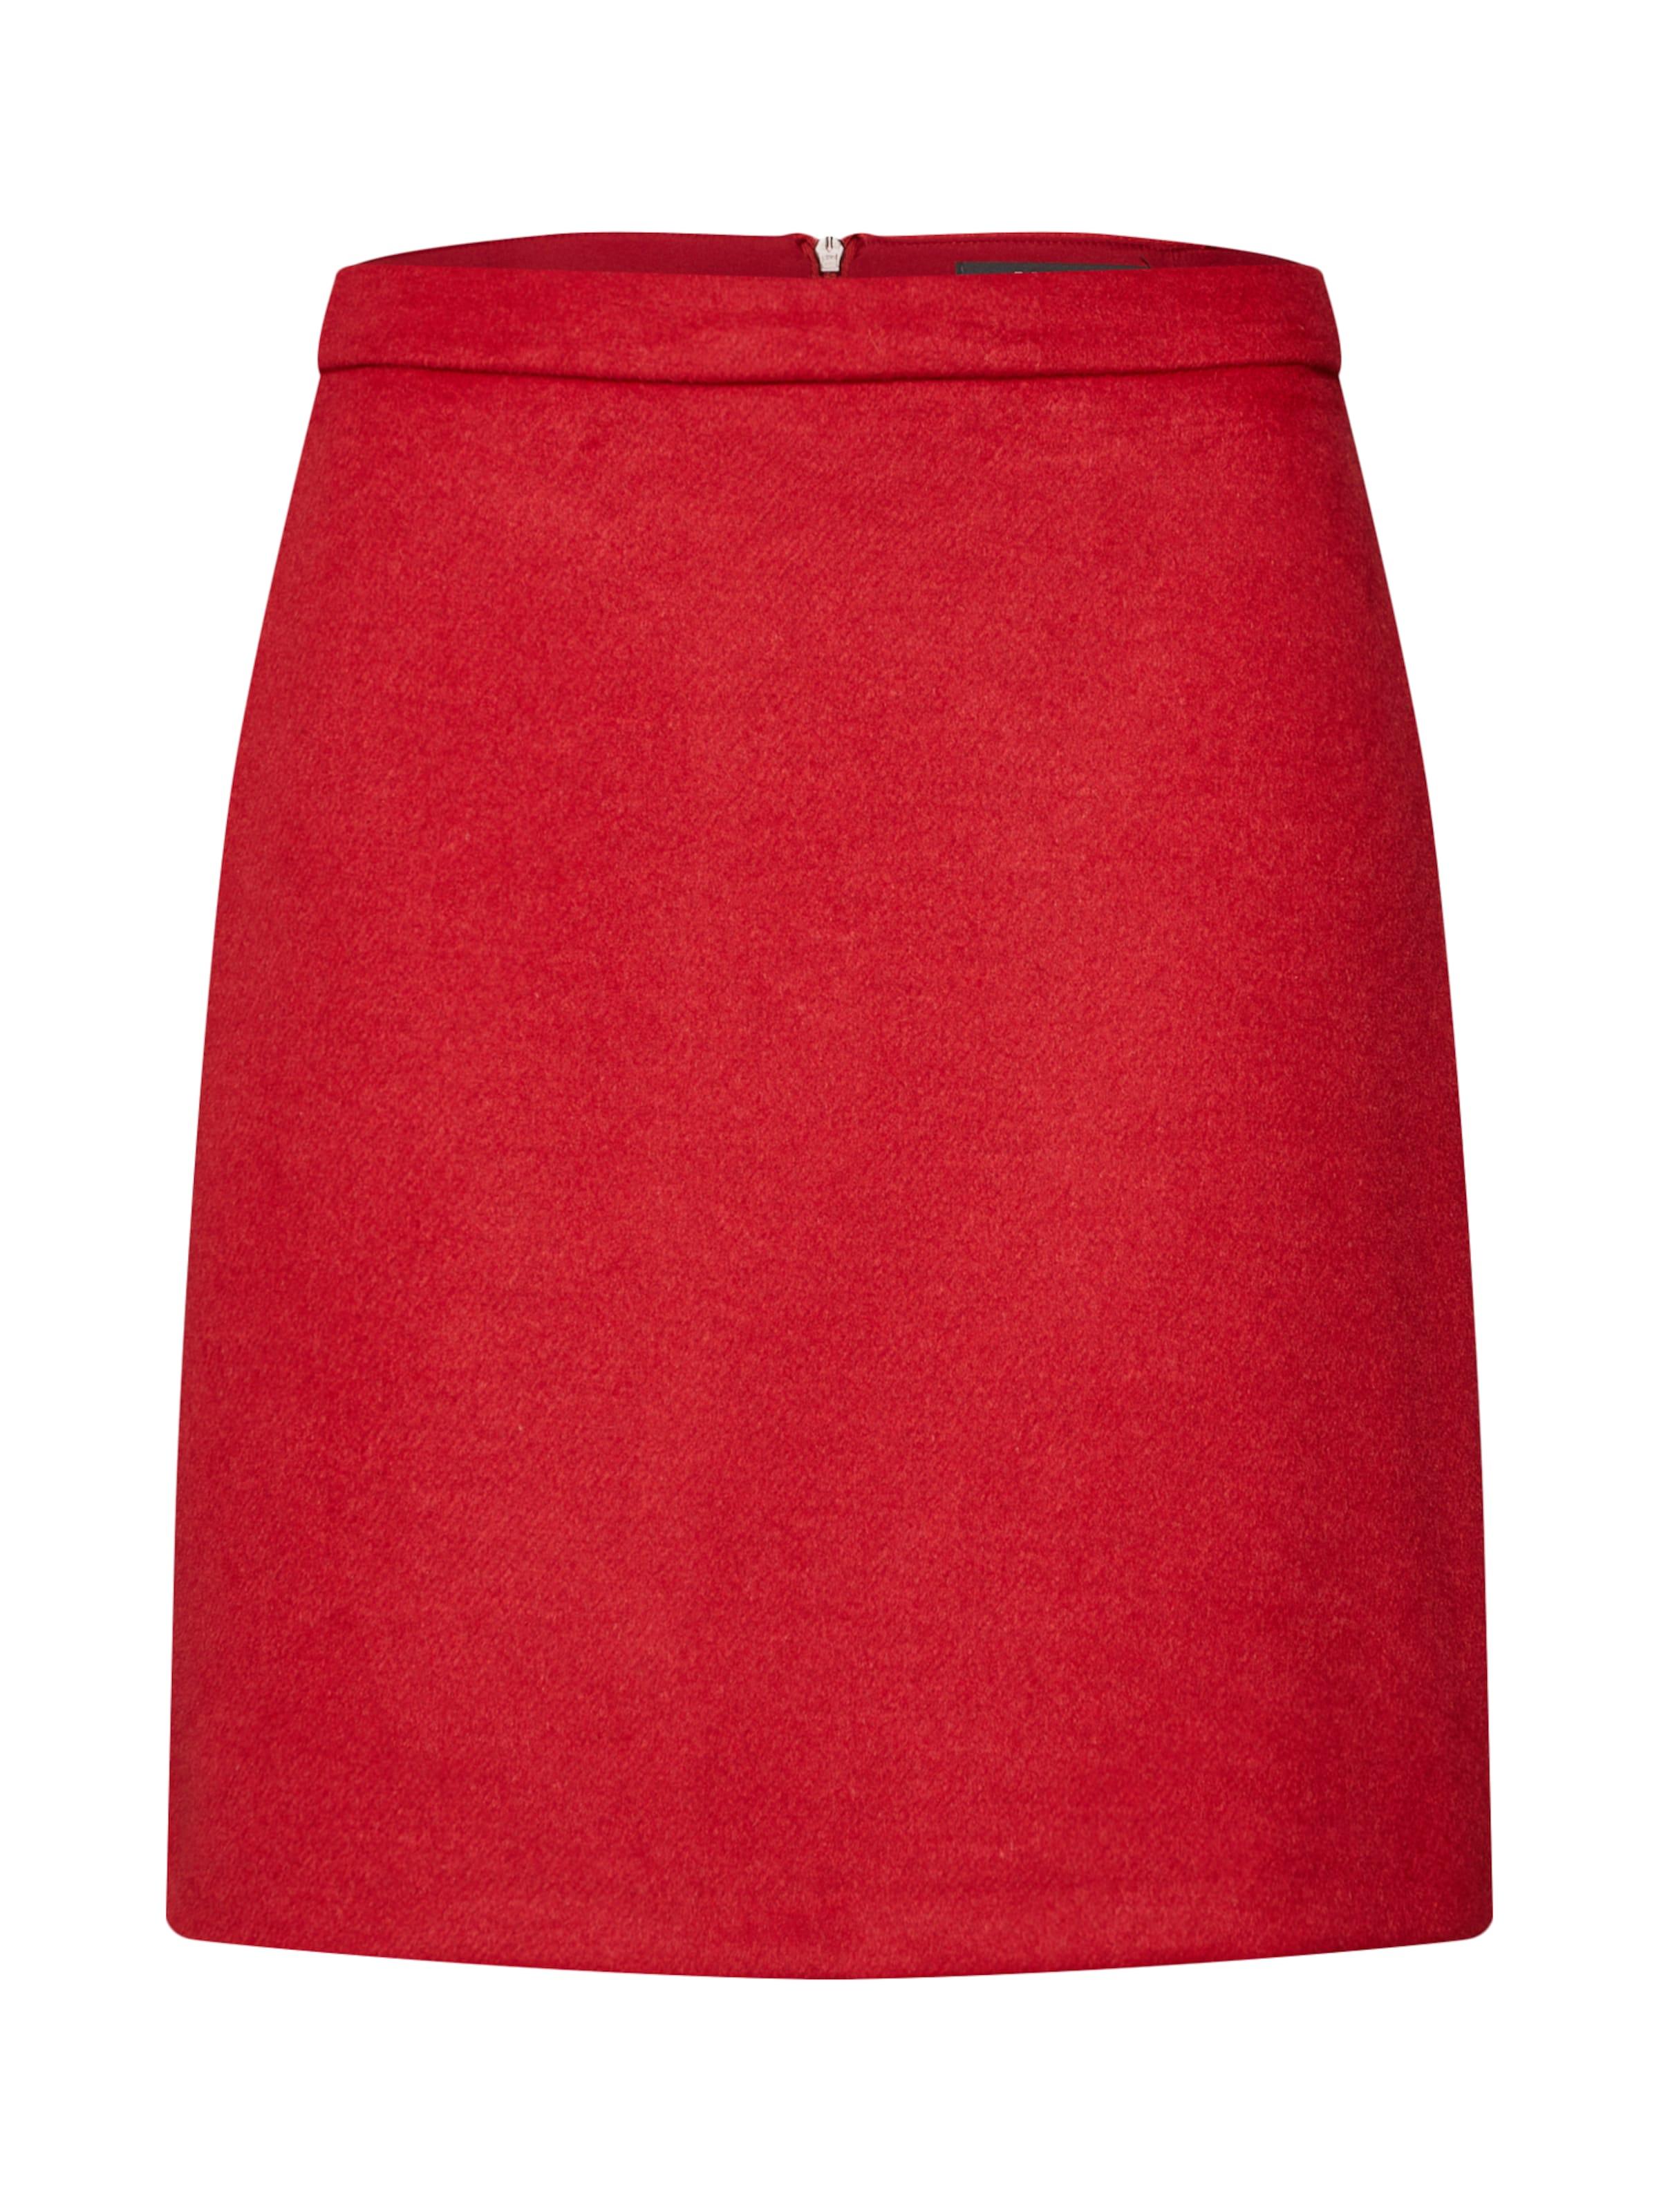 Esprit Rouge Collection Esprit En Rouge Jupe Jupe Collection En Esprit deWCoBQrxE